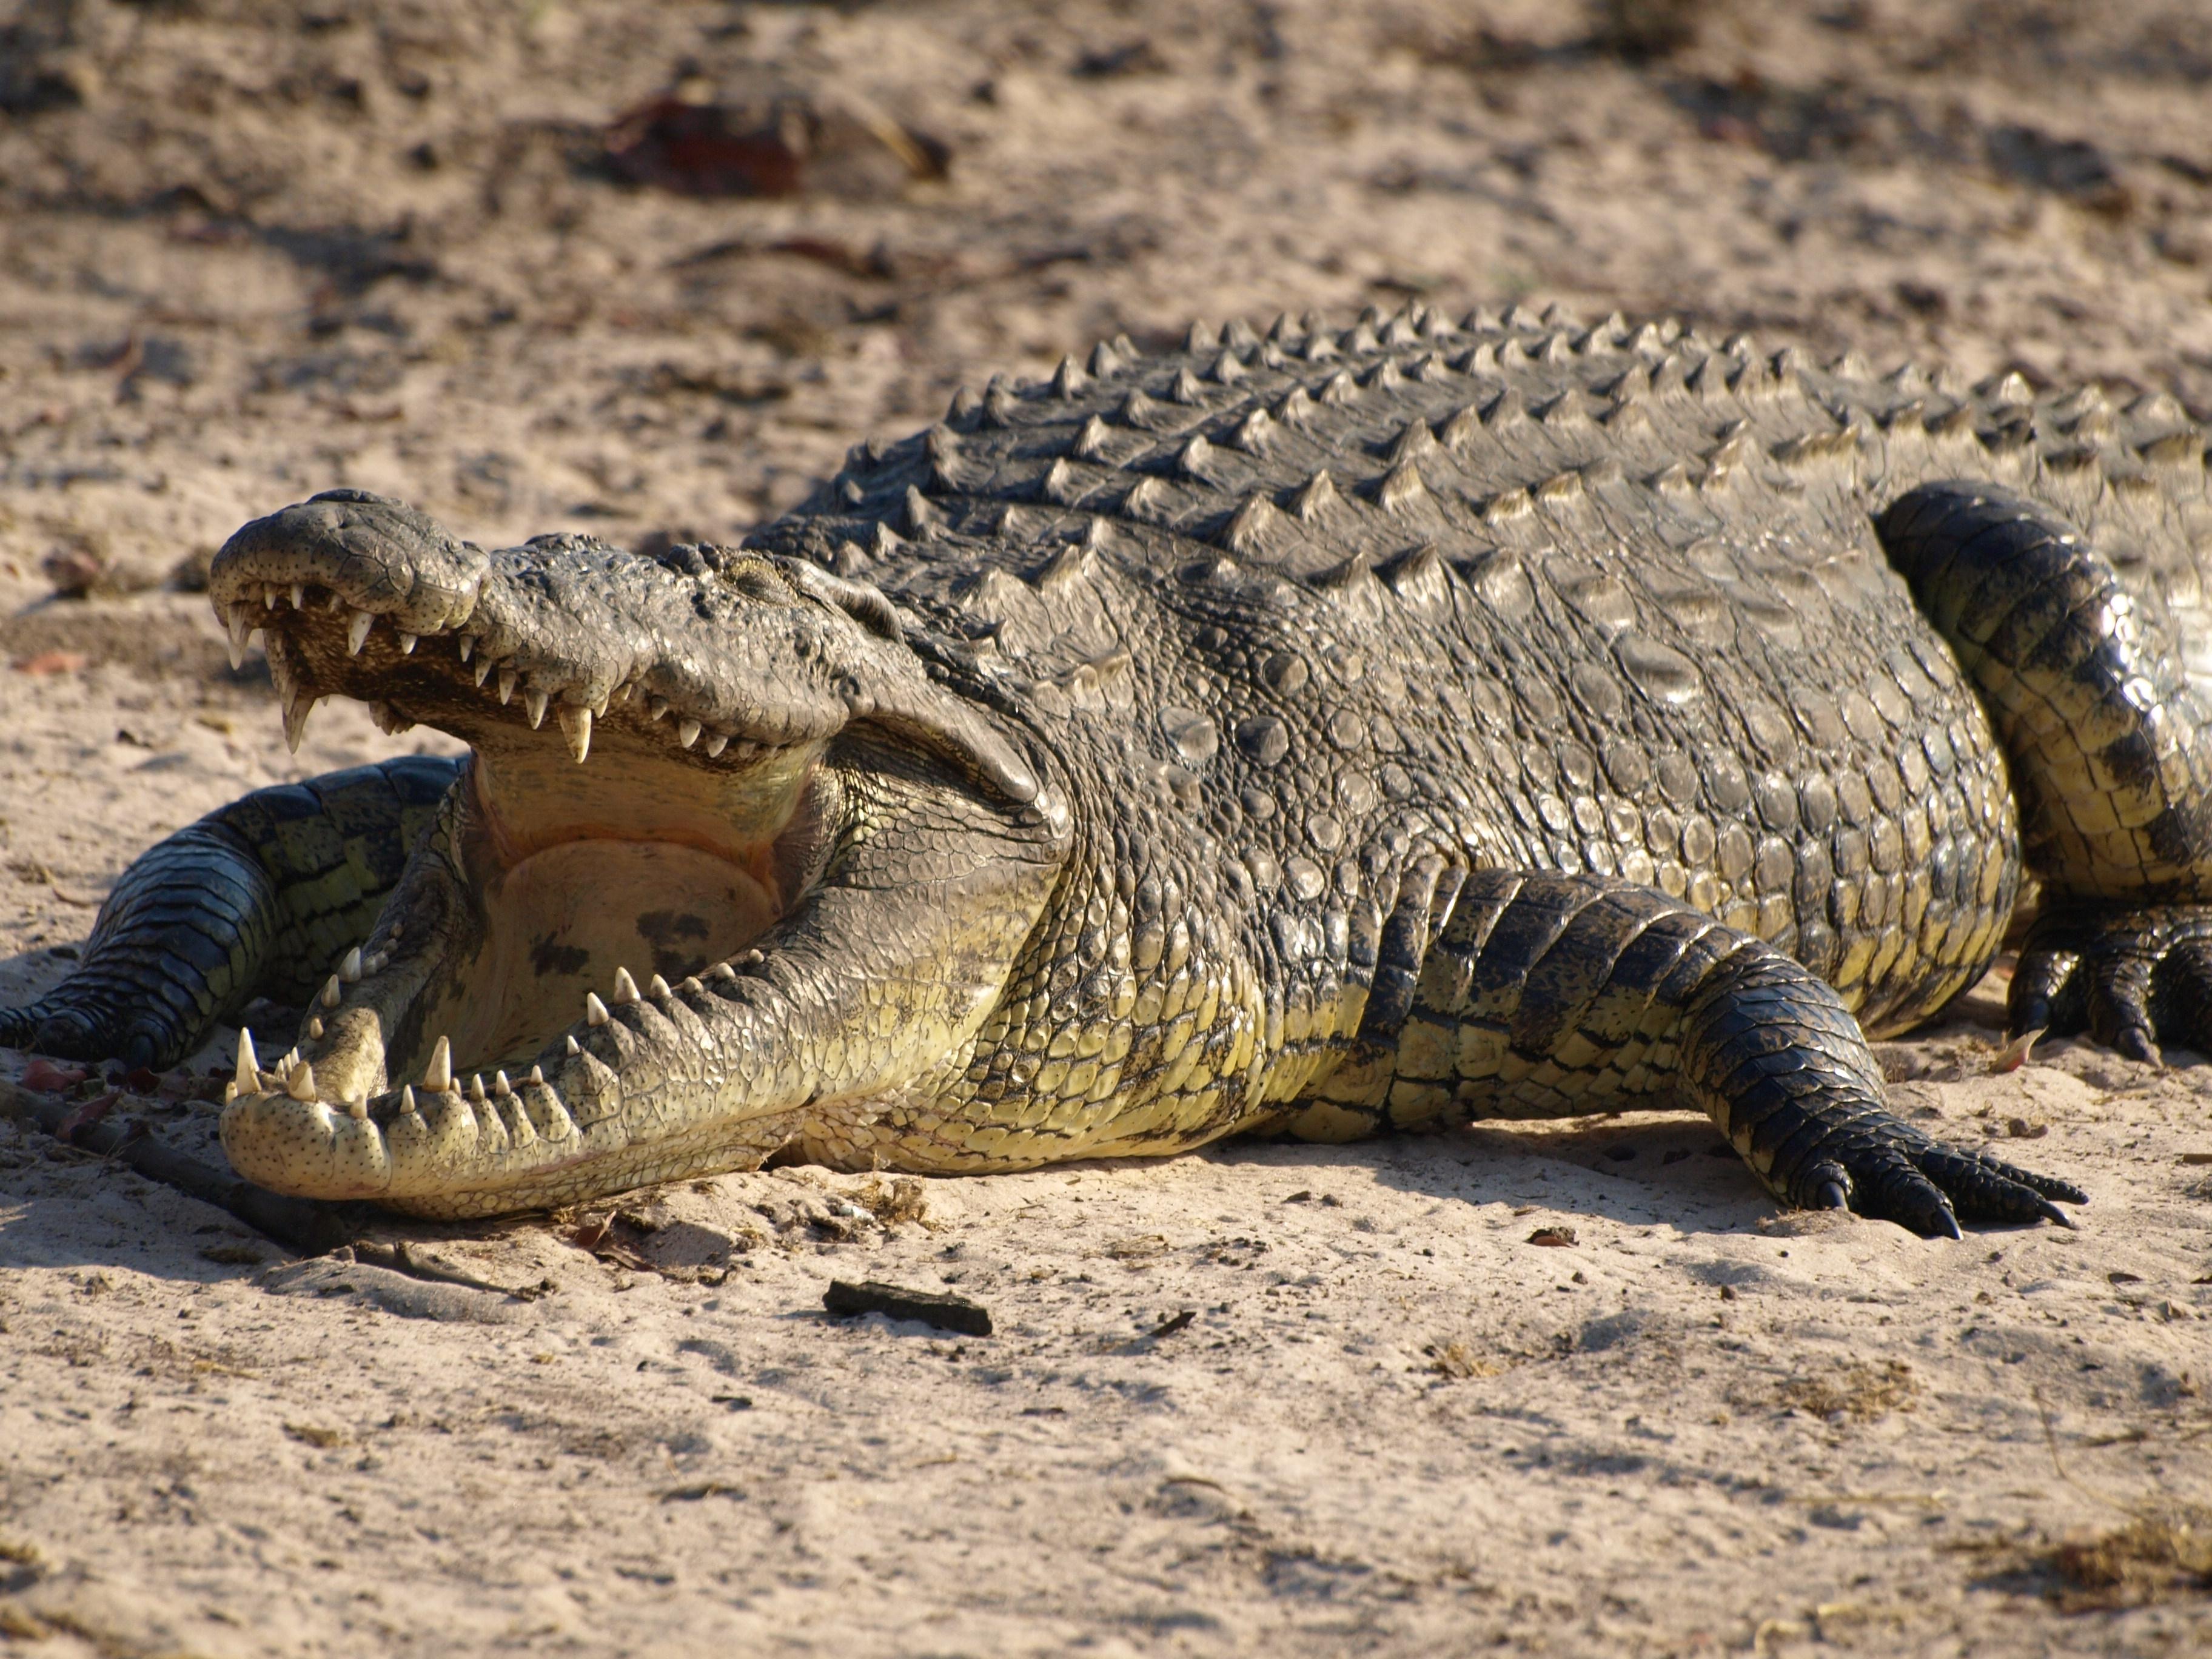 Dessins En Couleurs À Imprimer : Crocodile, Numéro : 684644 encequiconcerne Photo De Crocodile A Imprimer